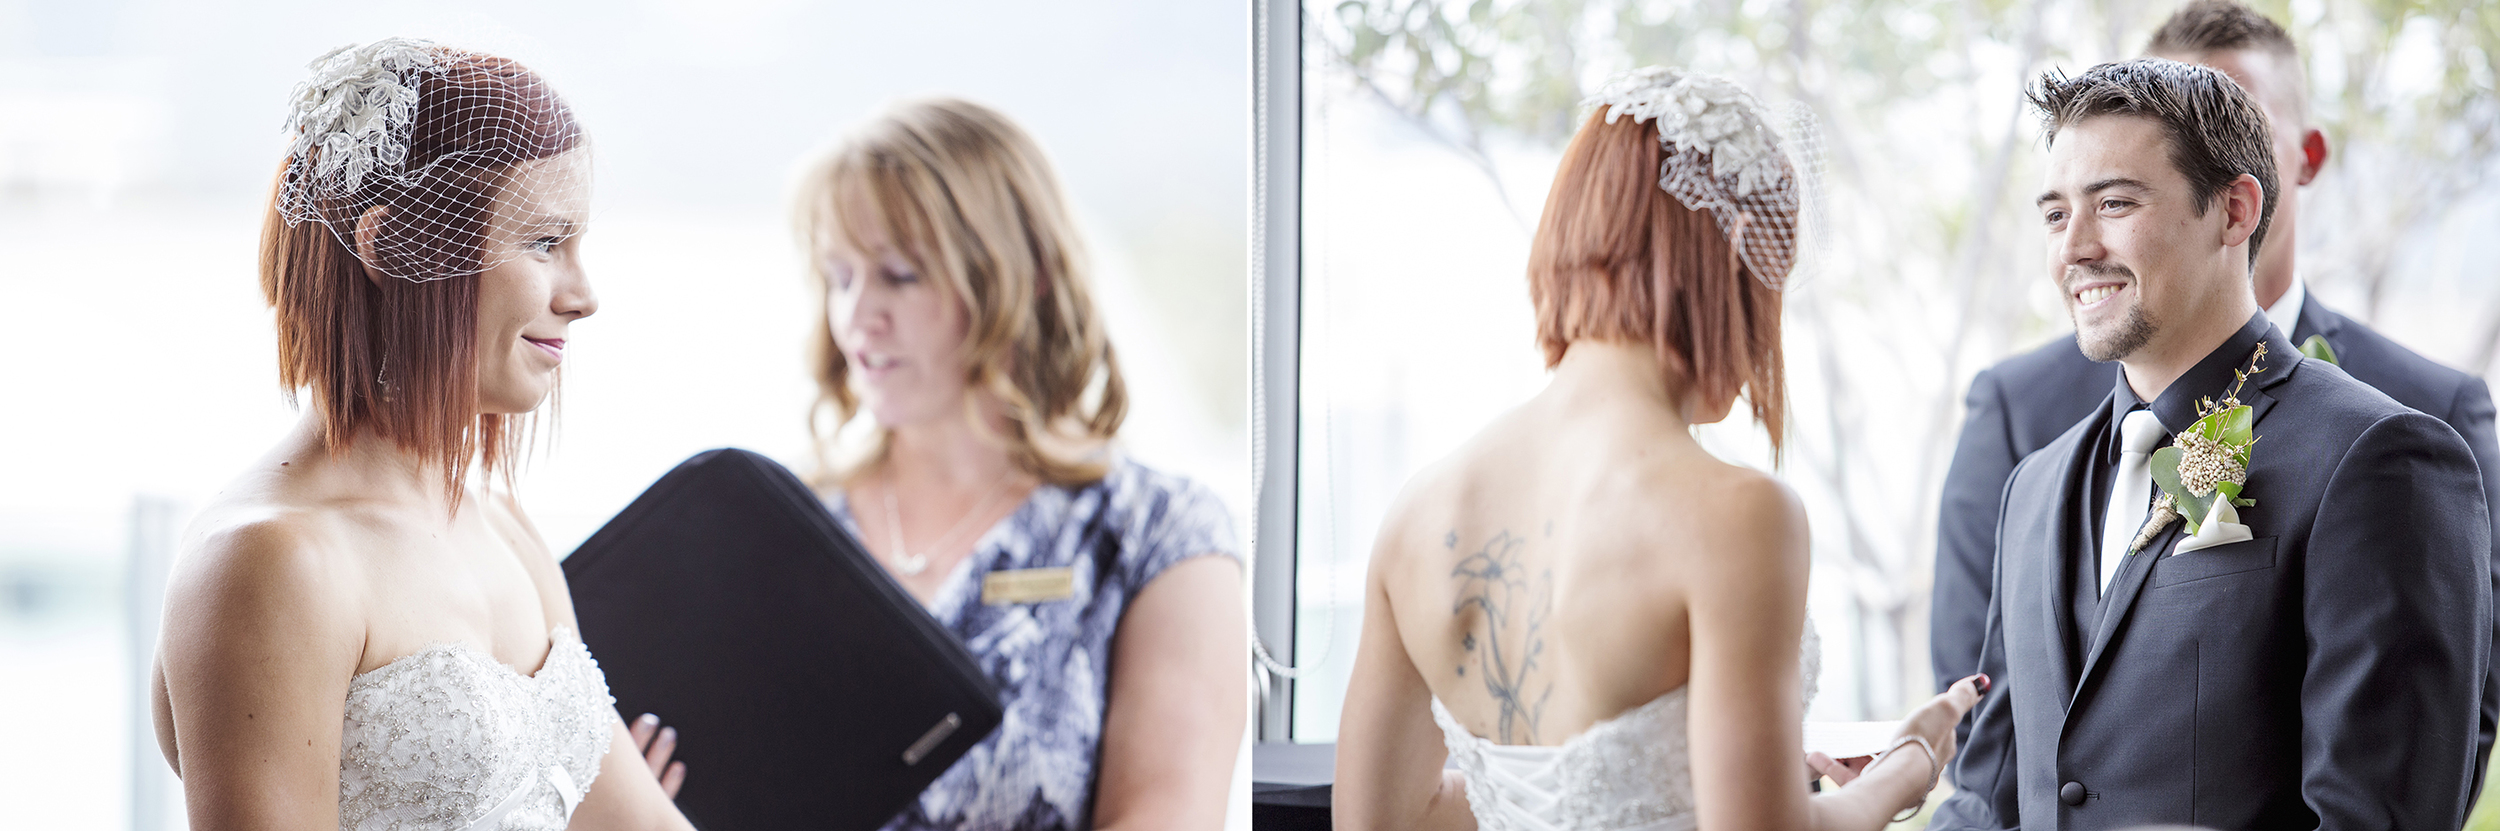 Majestic Rooftop Adelaide Wedding Photography 03.jpg